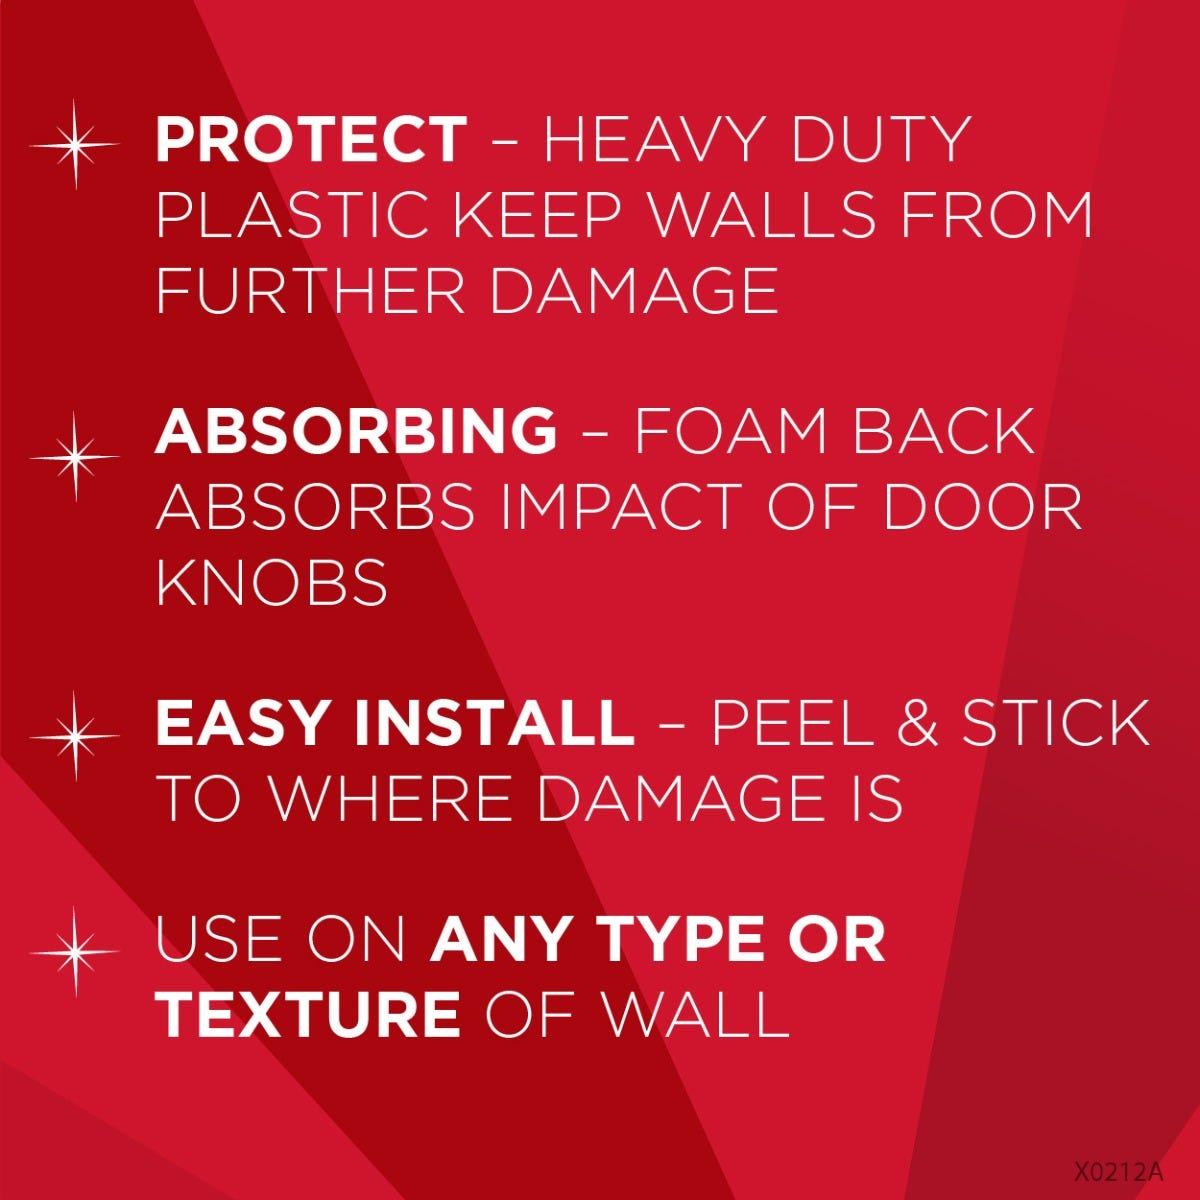 https://googone.com/media/catalog/product/w/a/wall_guard_benefits.jpg